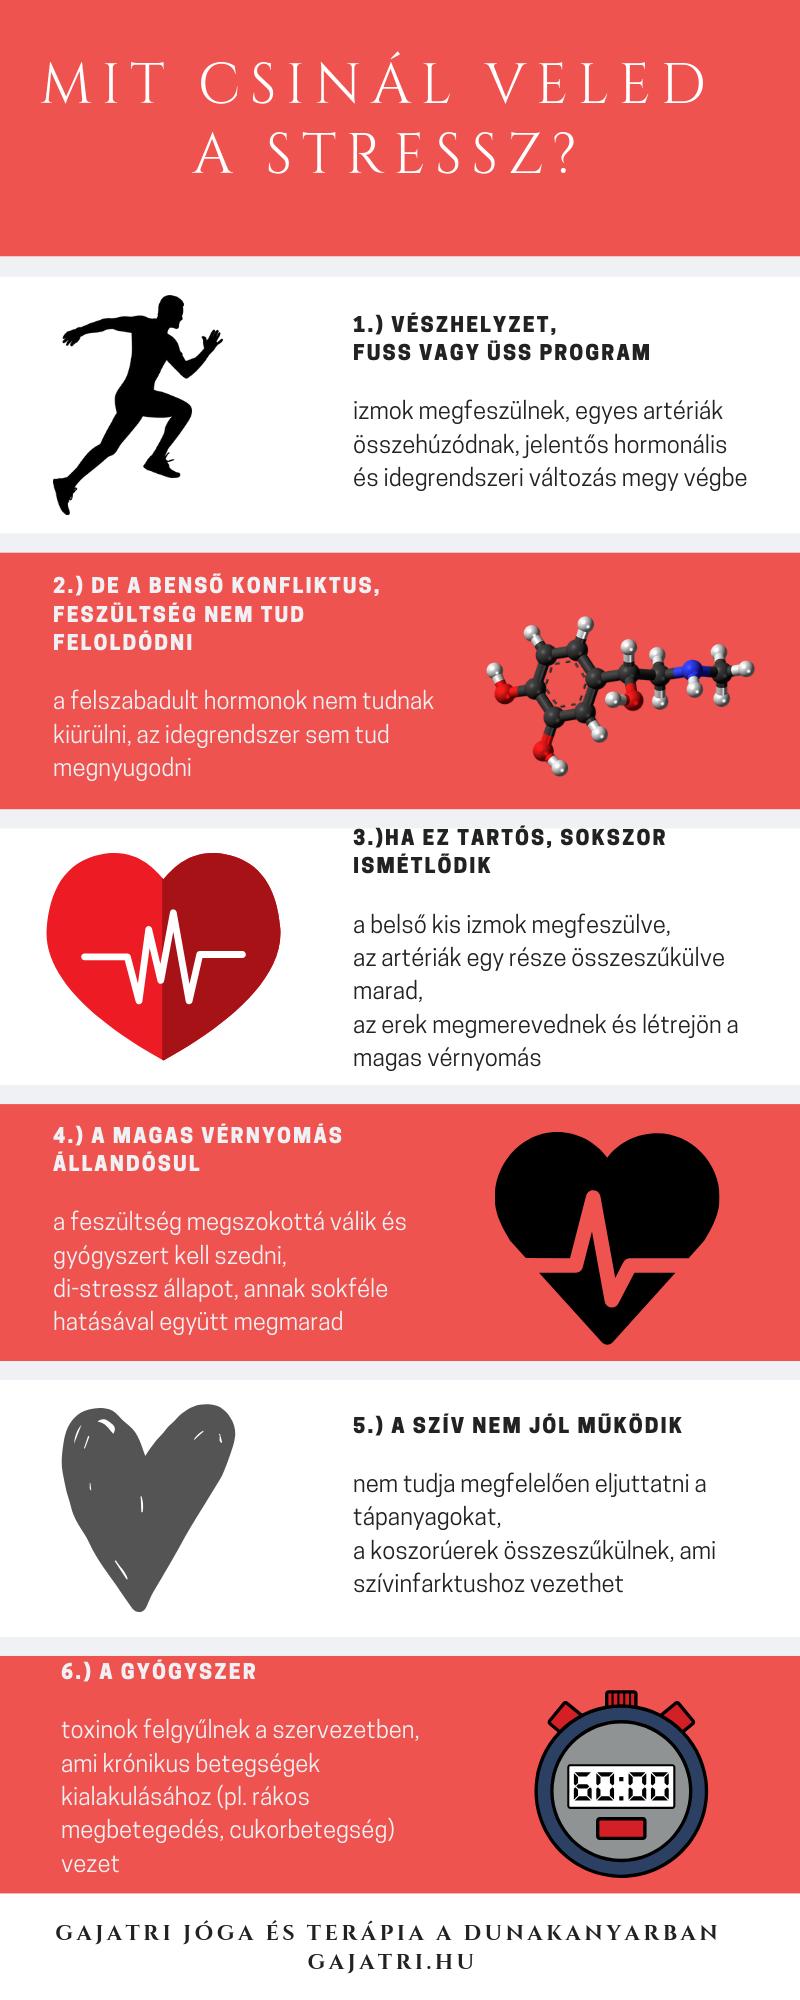 a magas vérnyomás fokot okoz)